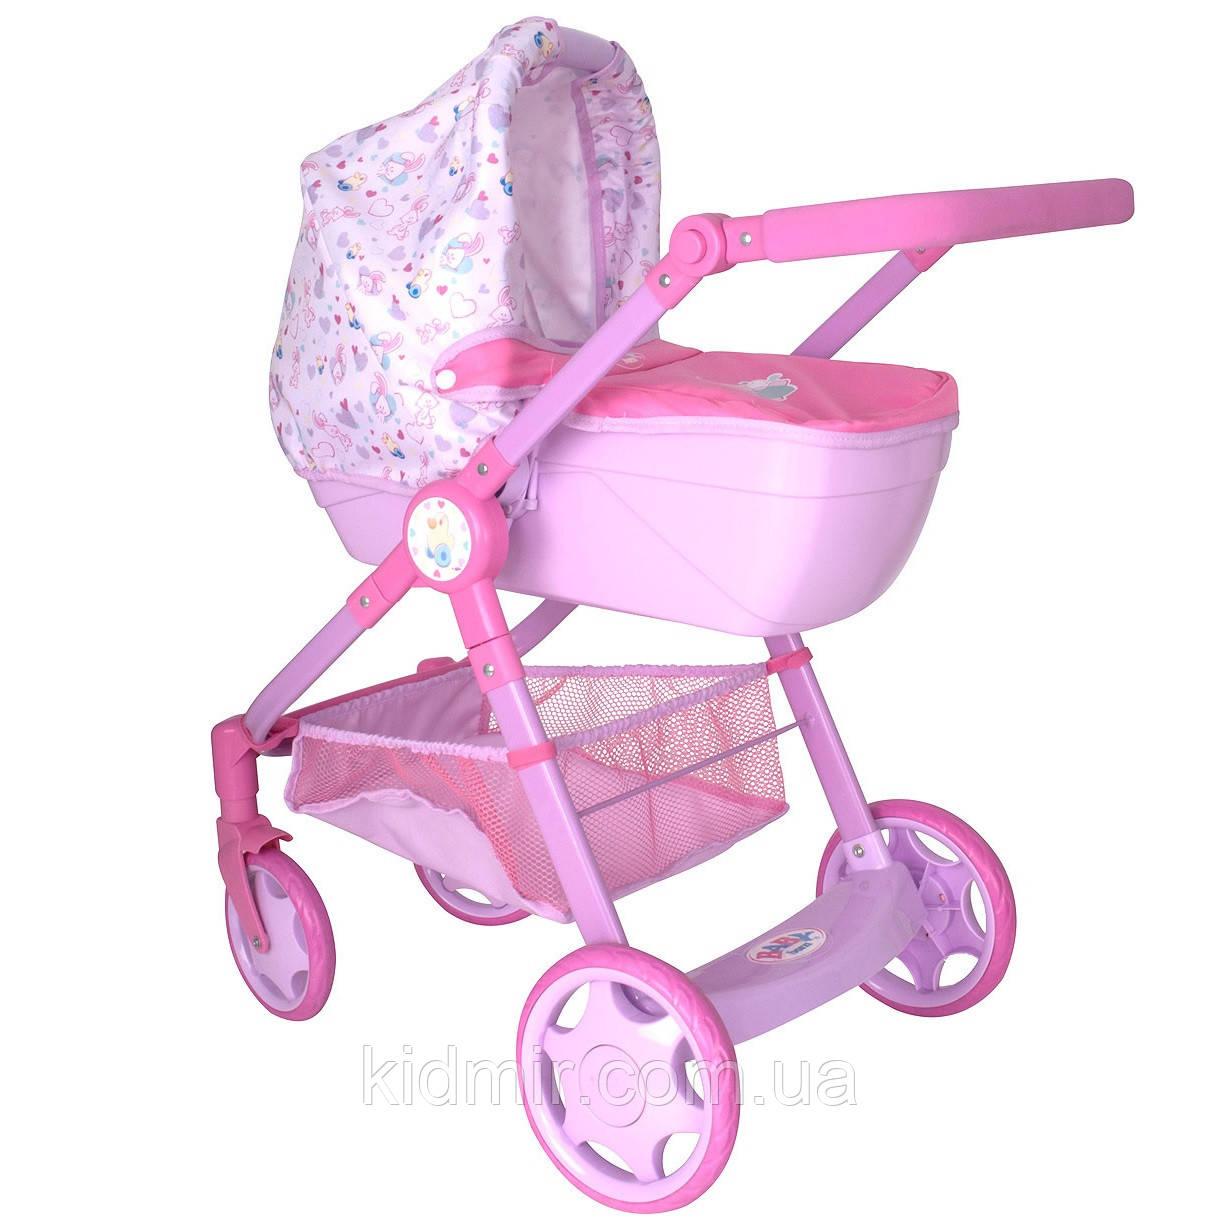 Коляска для кукол Беби Борн Променад Делюкс Baby Born Zapf Creation 1423577